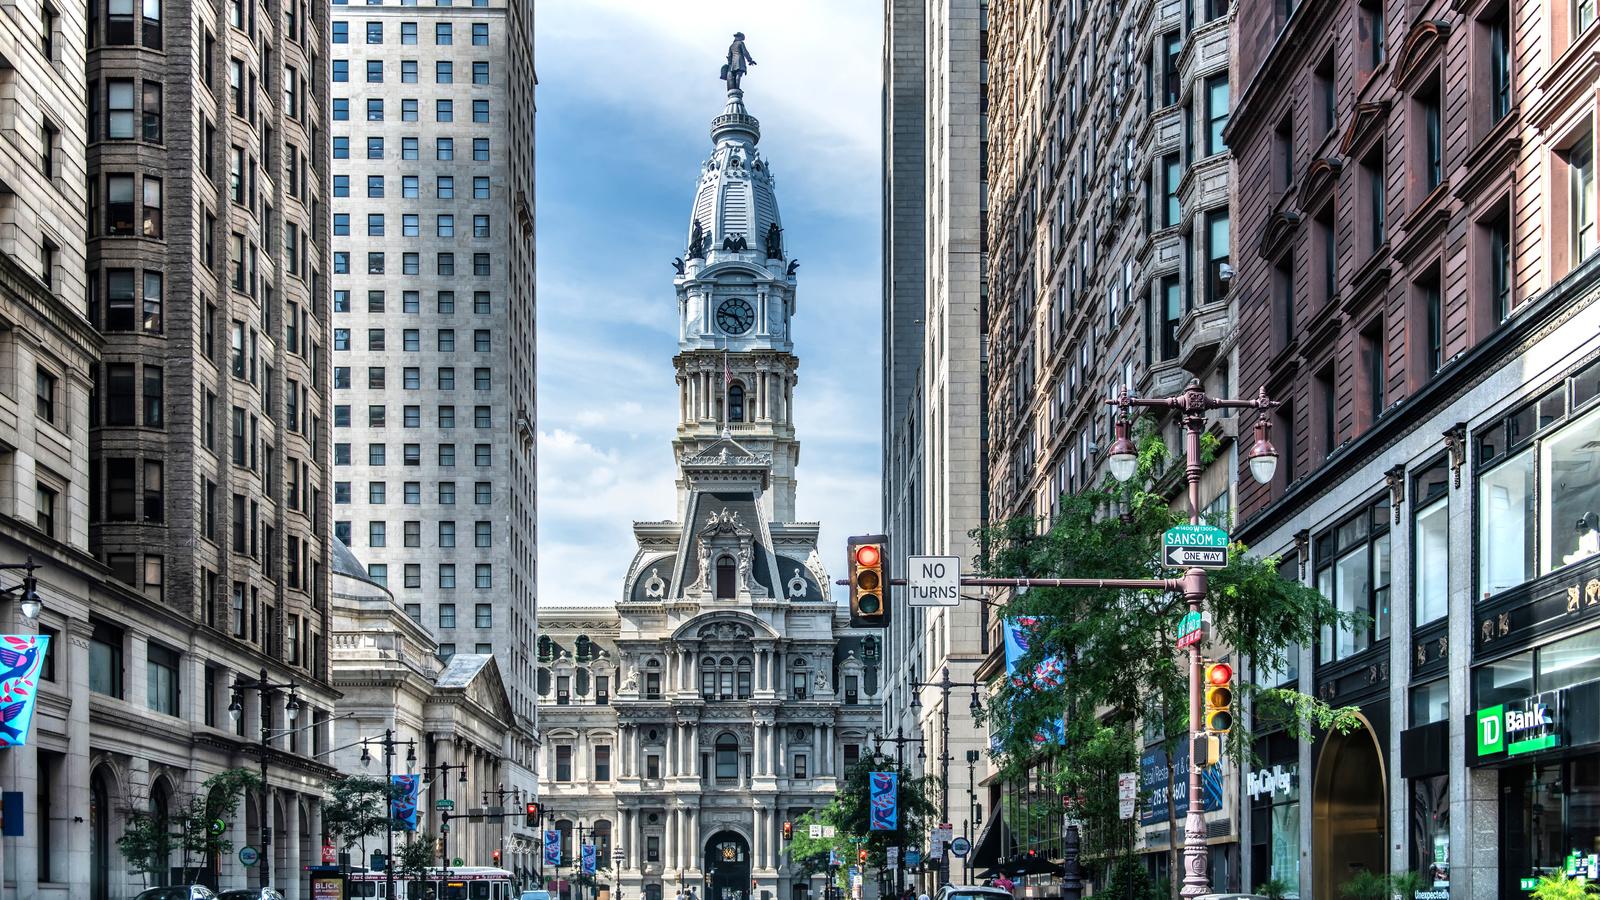 дома, philadelphia, улица, башня, город